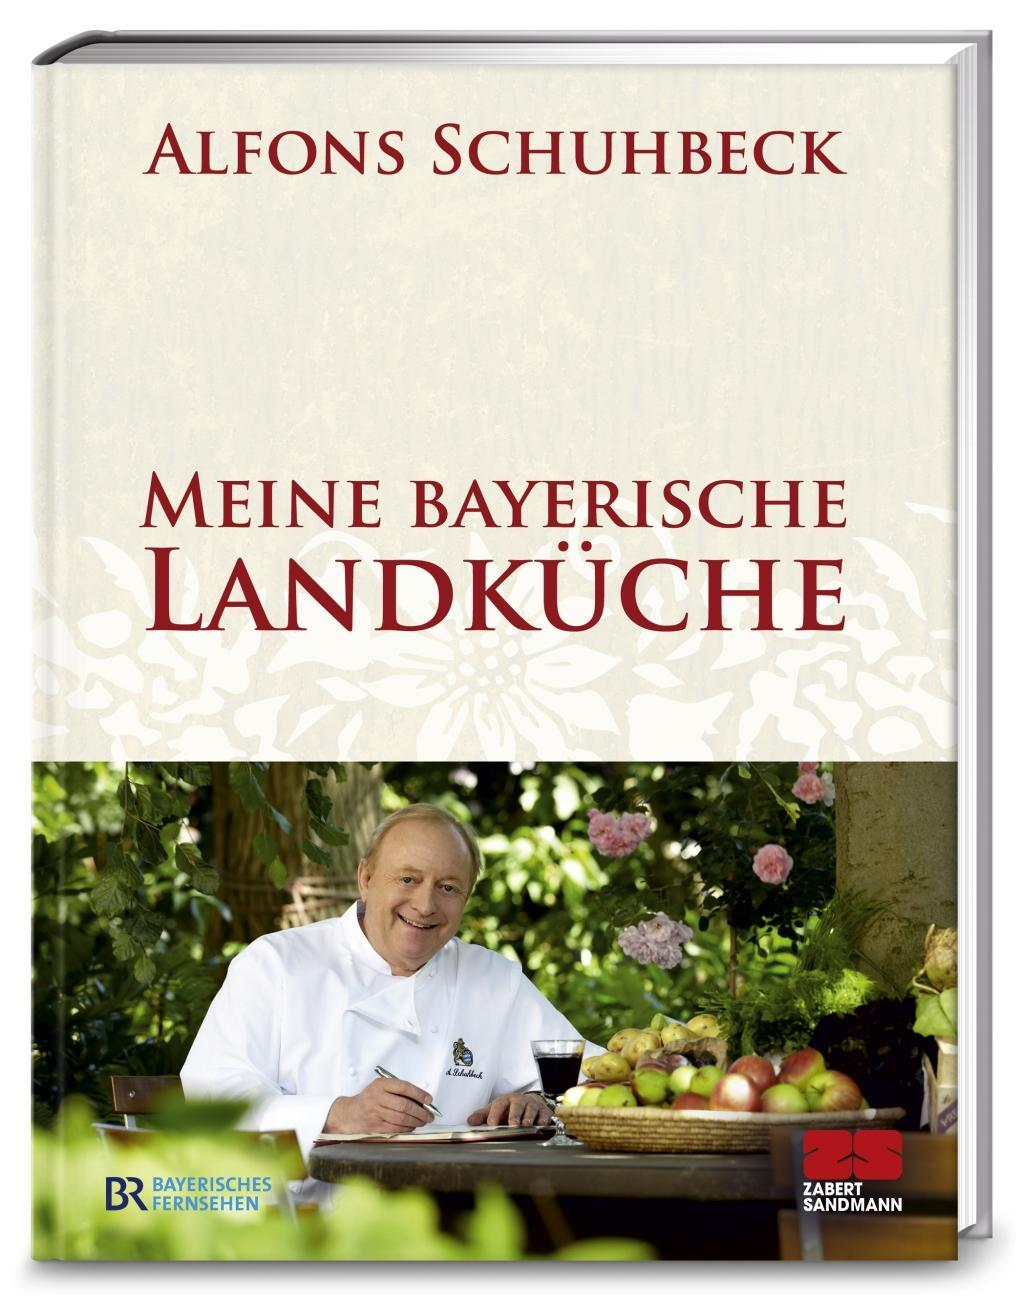 Meine bayerische Landküche. Bd.1 Schuhbeck, Alfons 9783898833363 ...